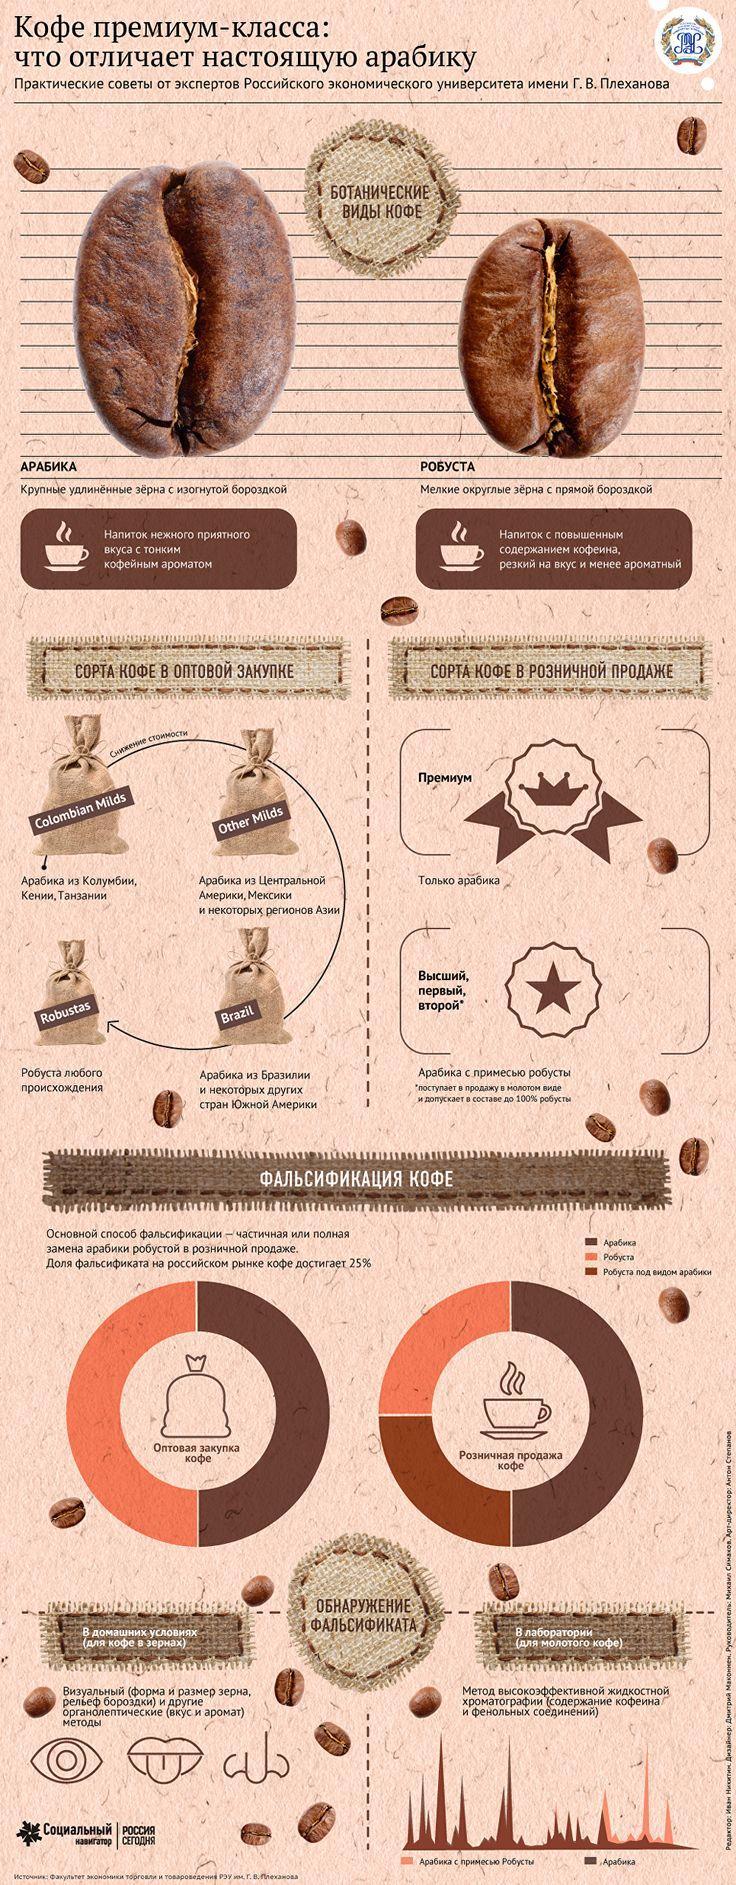 Ученые выяснили, как кофе влияет на здоровье человека - РИА Новости, 11.07.2017